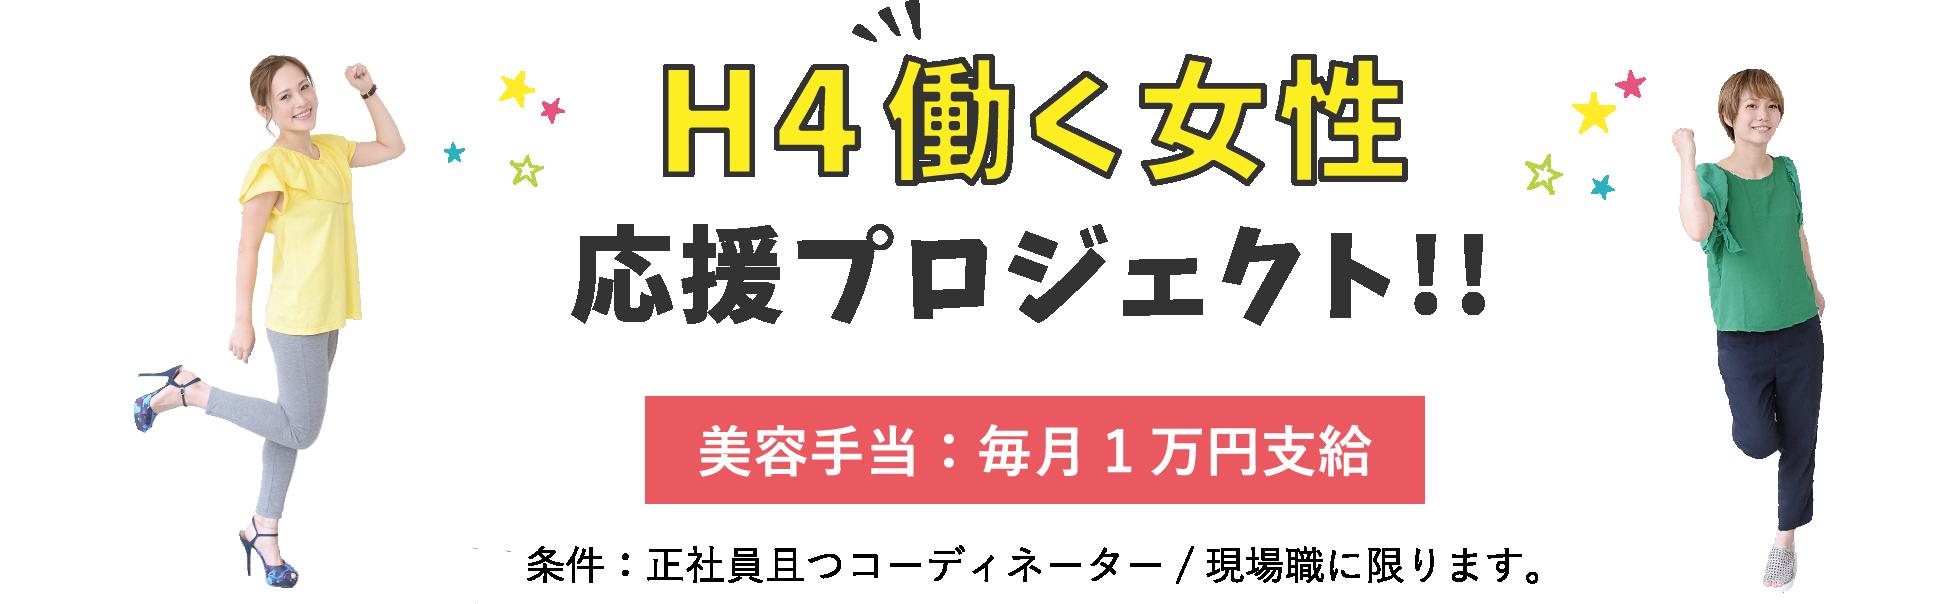 H4働く女性応援プロジェクト!! 美容手当:毎月1万円支給 条件:正社員且つコーディネーター/現場職に限ります。